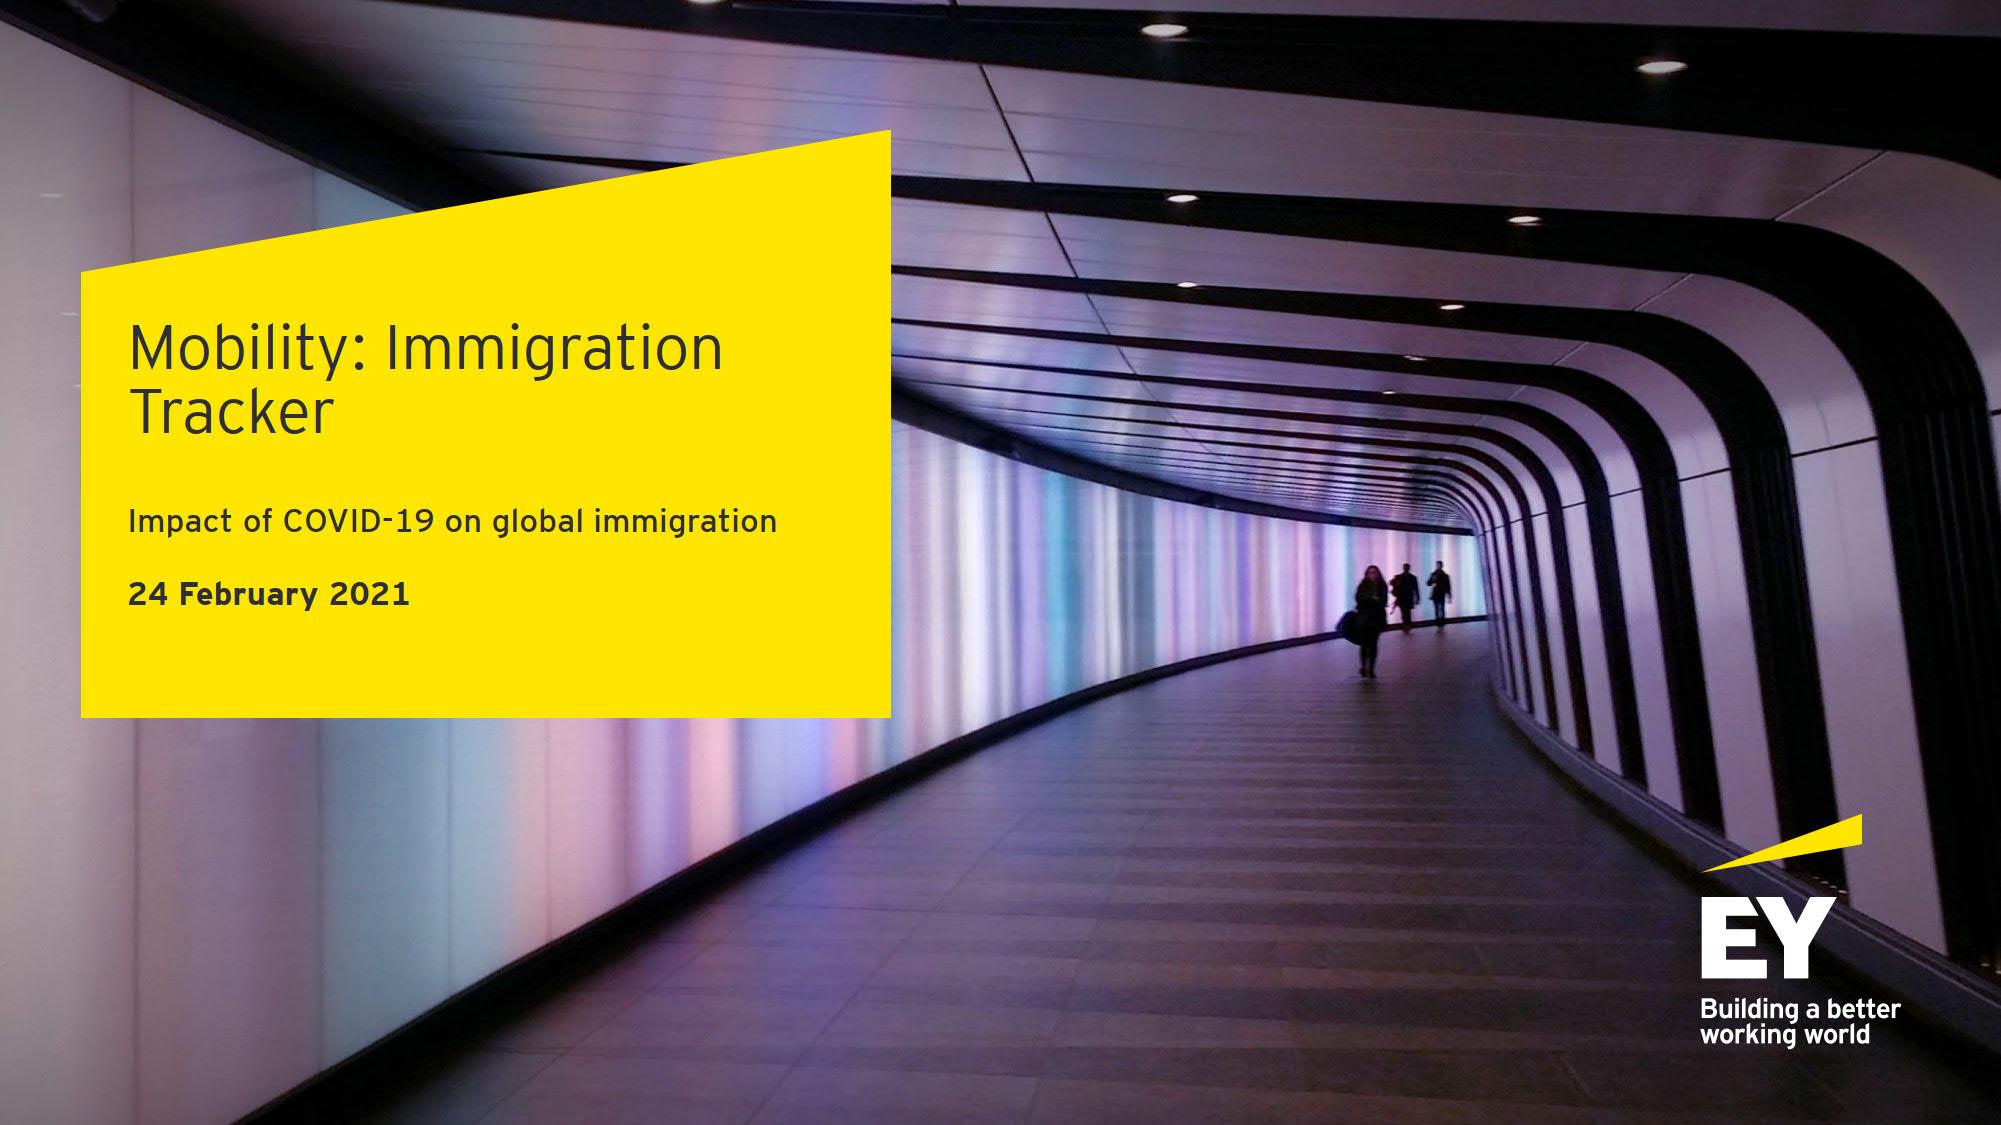 人员流动:出入境 - COVID-19对全球出入境管理的影响